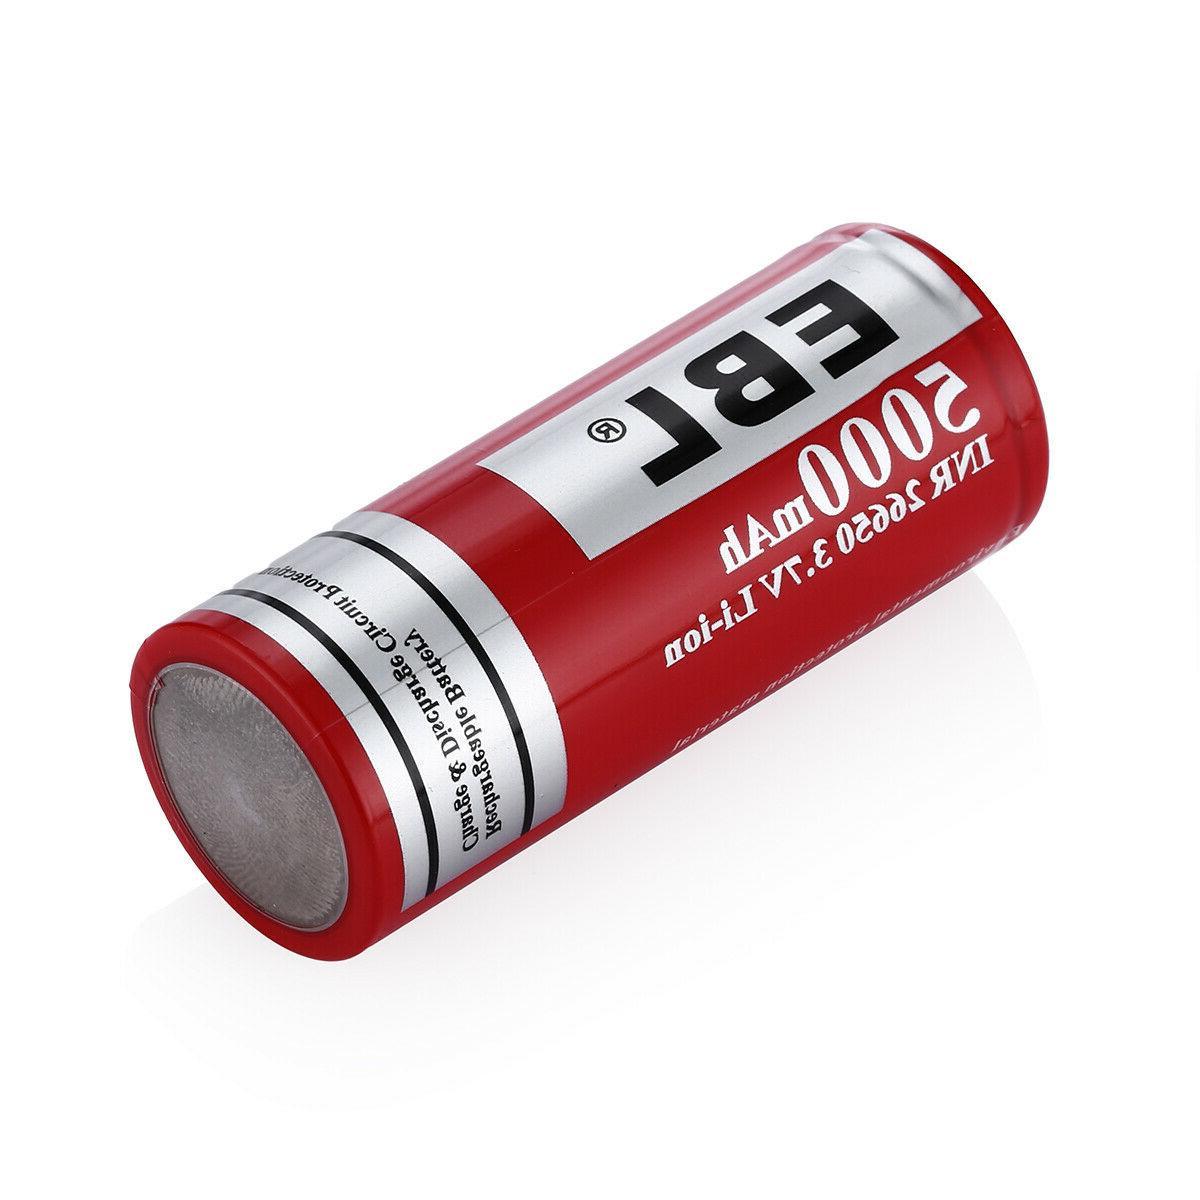 4 Pcs EBL Drain LED Toy